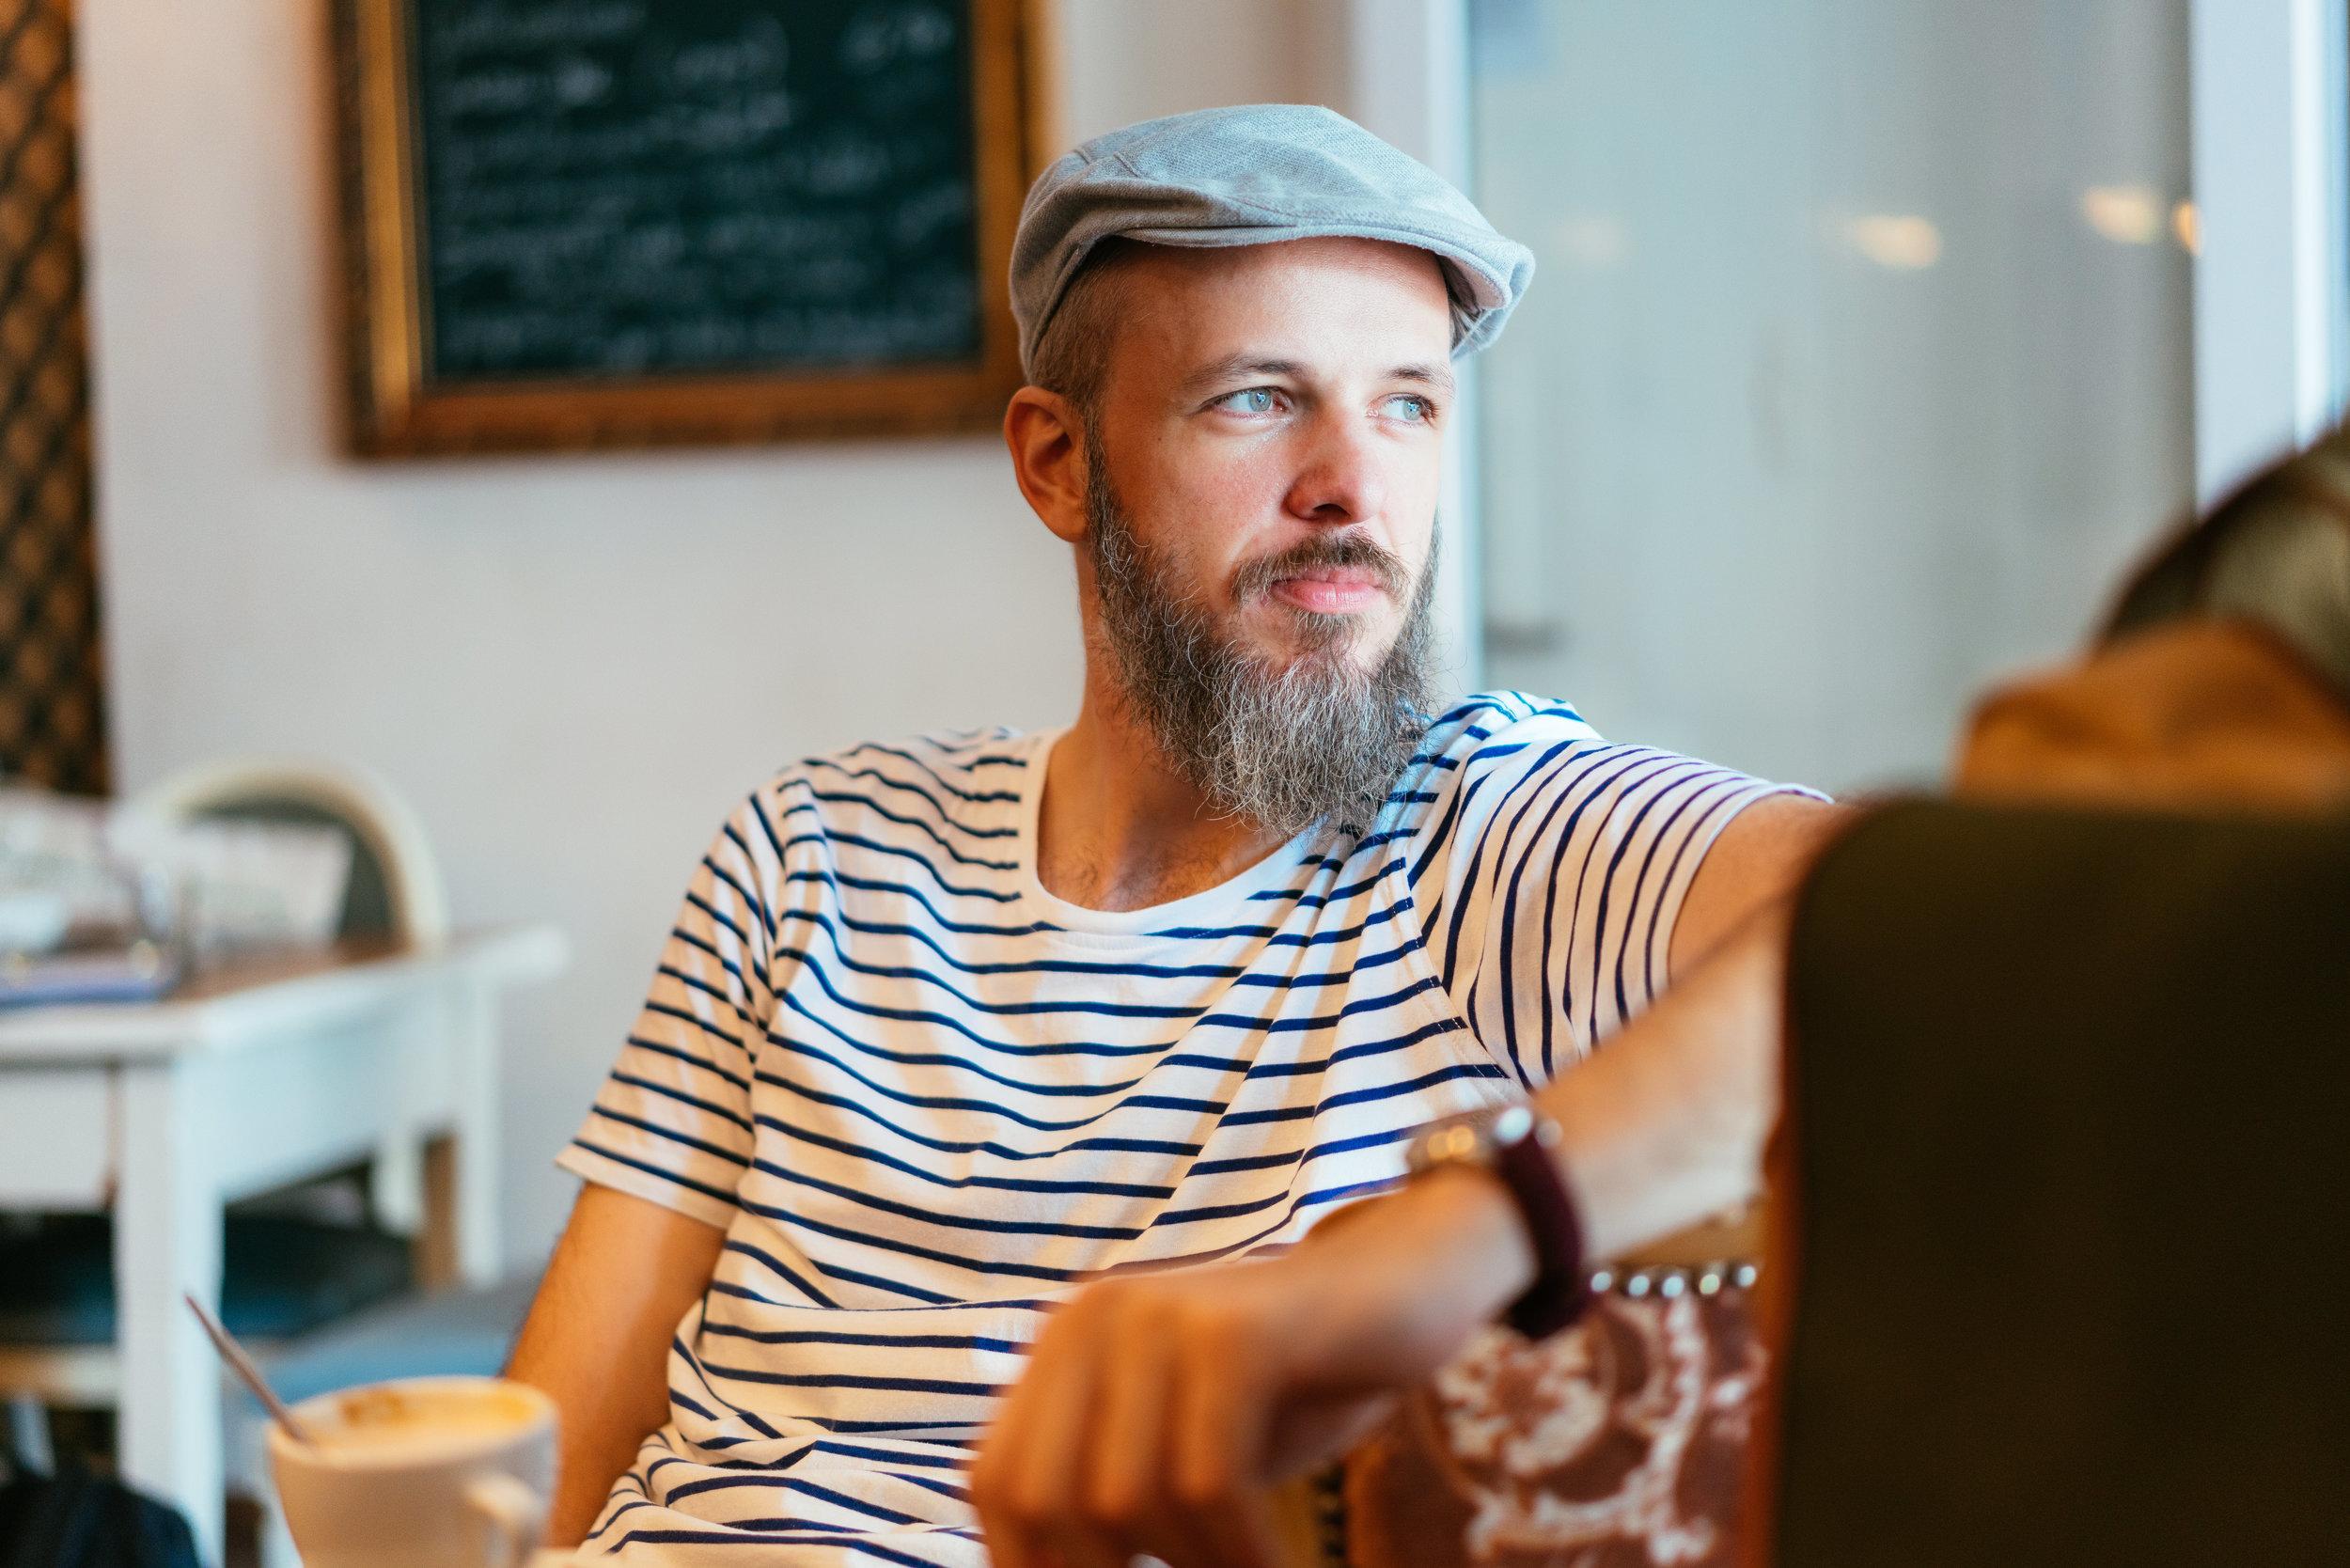 Sebastian genießt einen Cappuccino in Birgits neuem Glück, dem Pollok ( was zufälliger Weise auch ihr Nachname ist ;–) ).